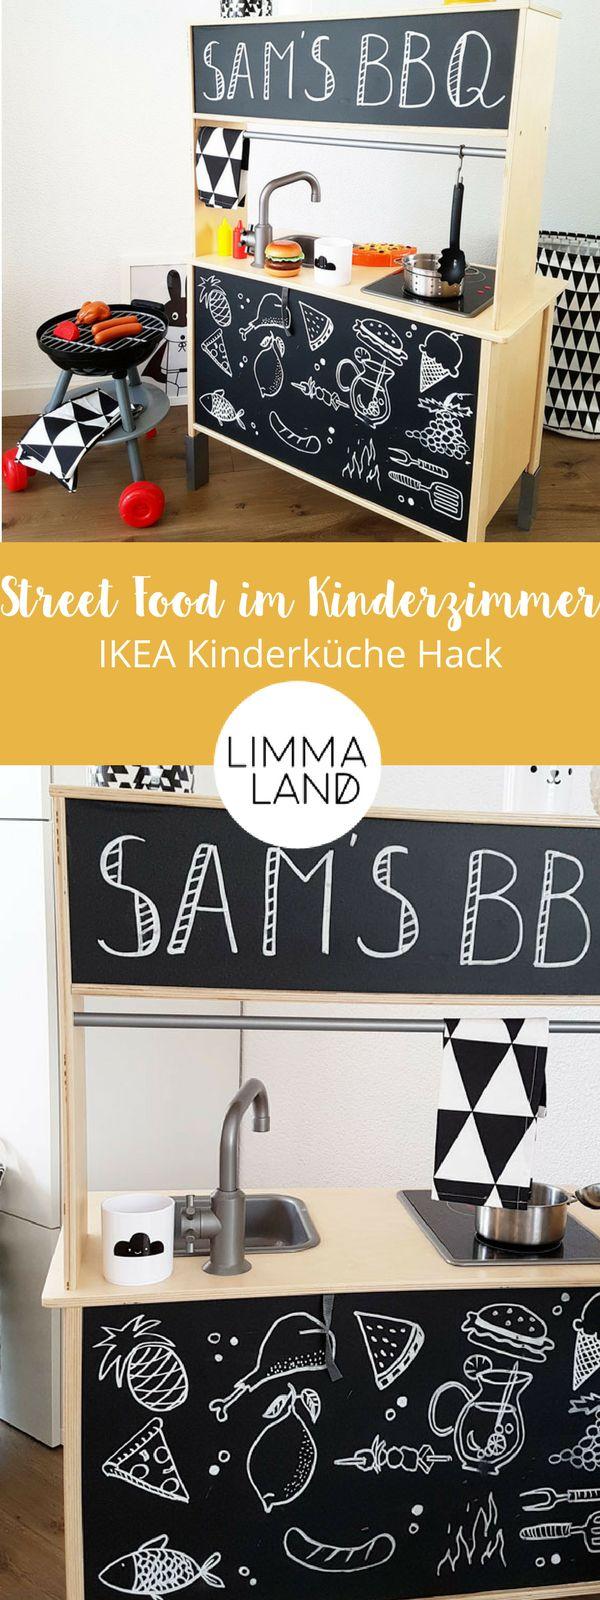 Egal, ob Pizzeria, Grill oder Bäckerei. Mit der Limmaland Folie TAFFLA pimpt ihr eure Ikea DUKTIG Kinderküche und zaubert aus der Rückseite einen Street Food Stand. Hier kann jeden Tag ein neuer Laden eröffnet werden. Ein toller Ikea Hack für gute Laune im Kinderzimmer!